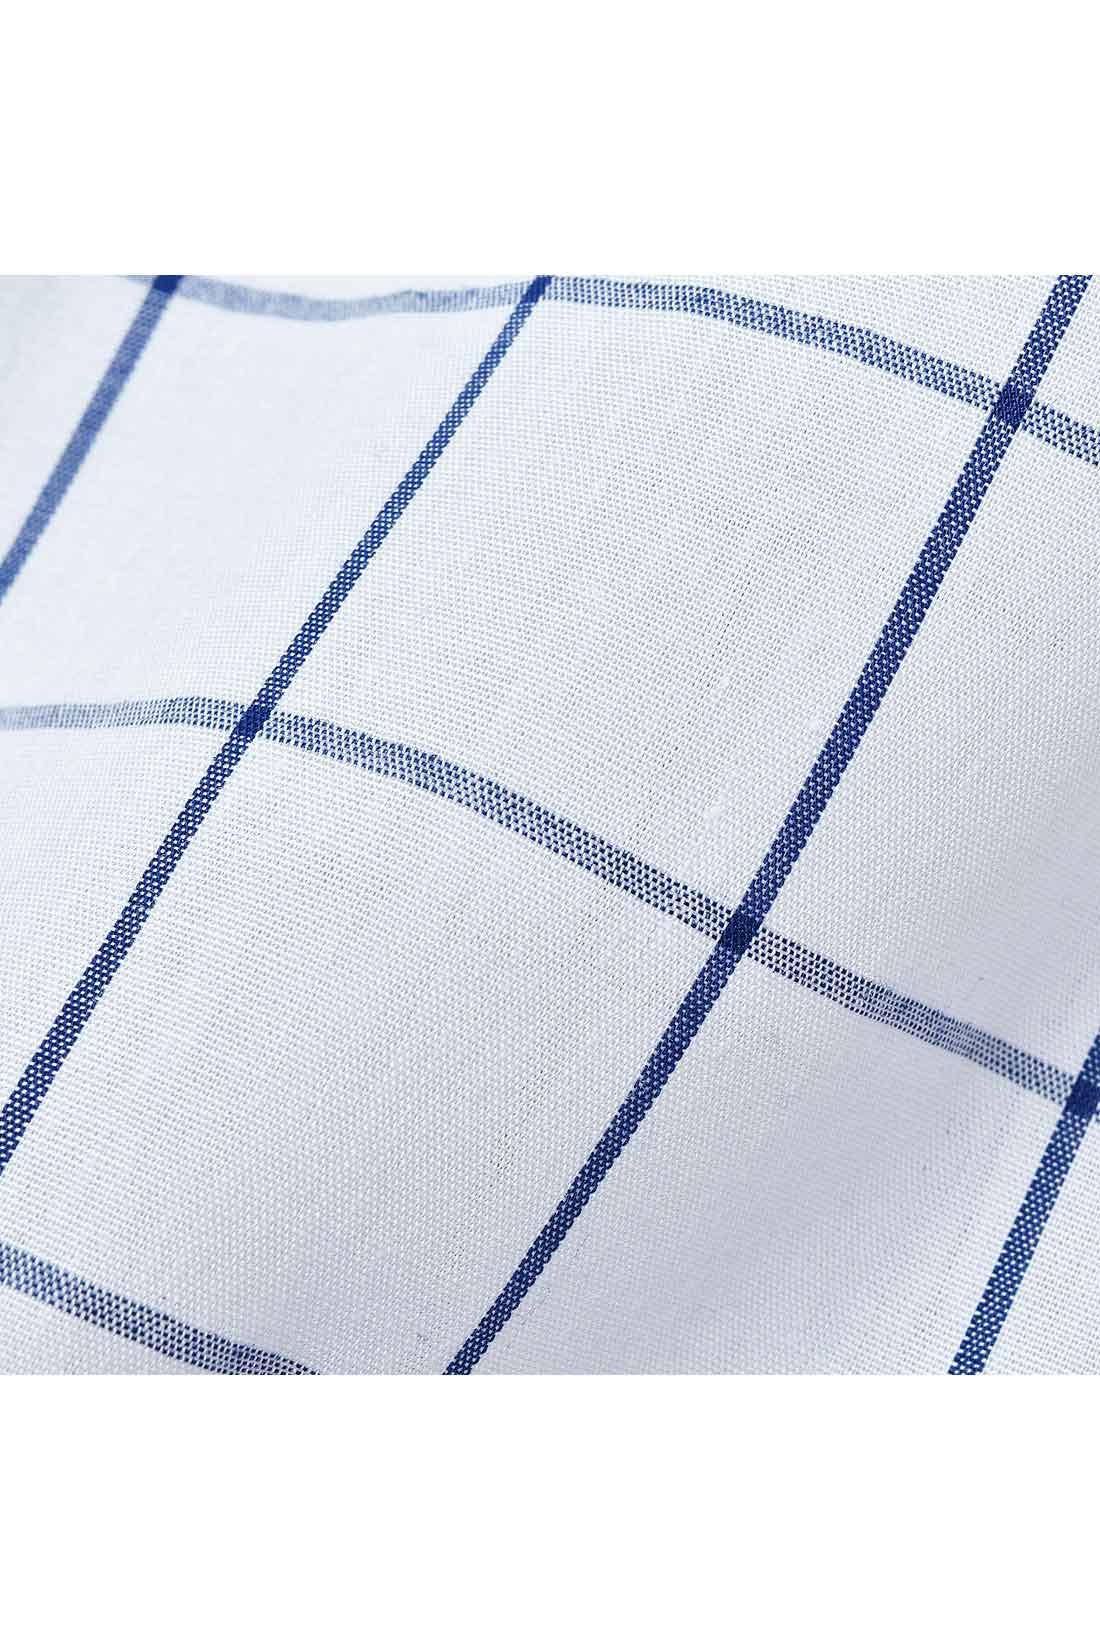 ブラウスは着心地のよい布はく素材。